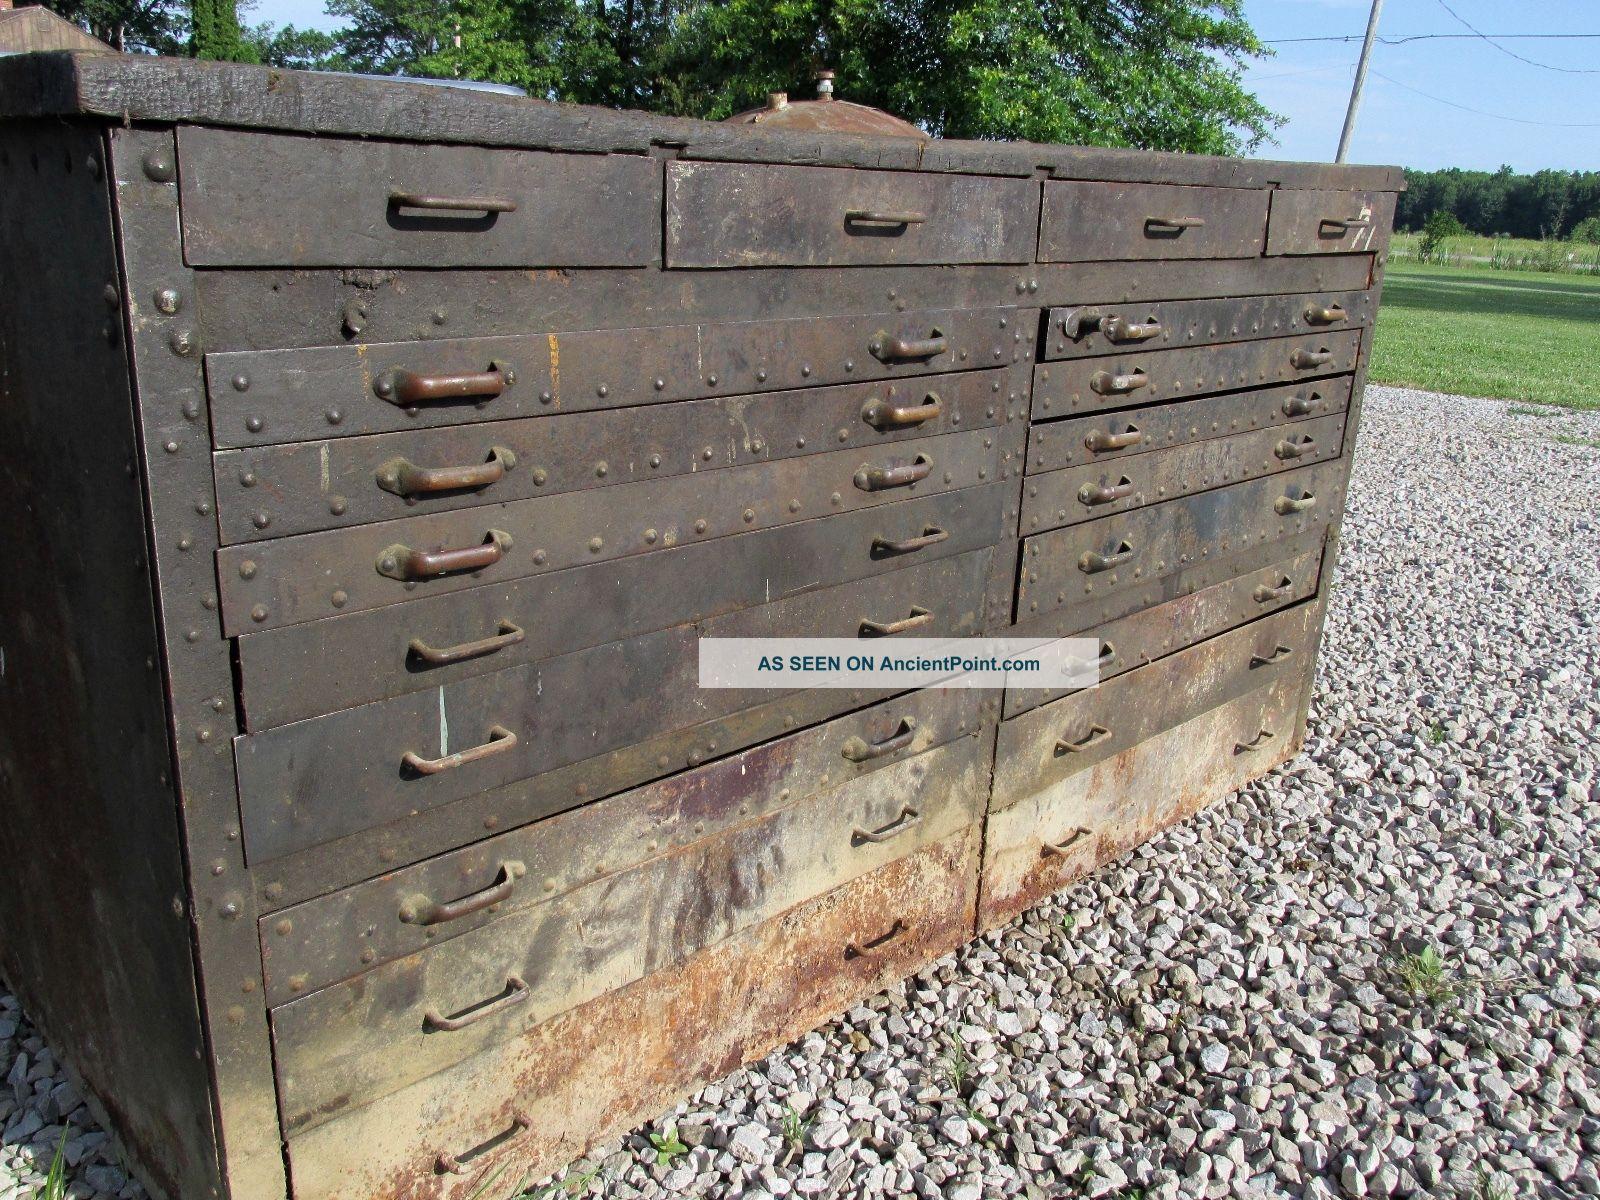 Antique Work Bench 1900-1950 photo